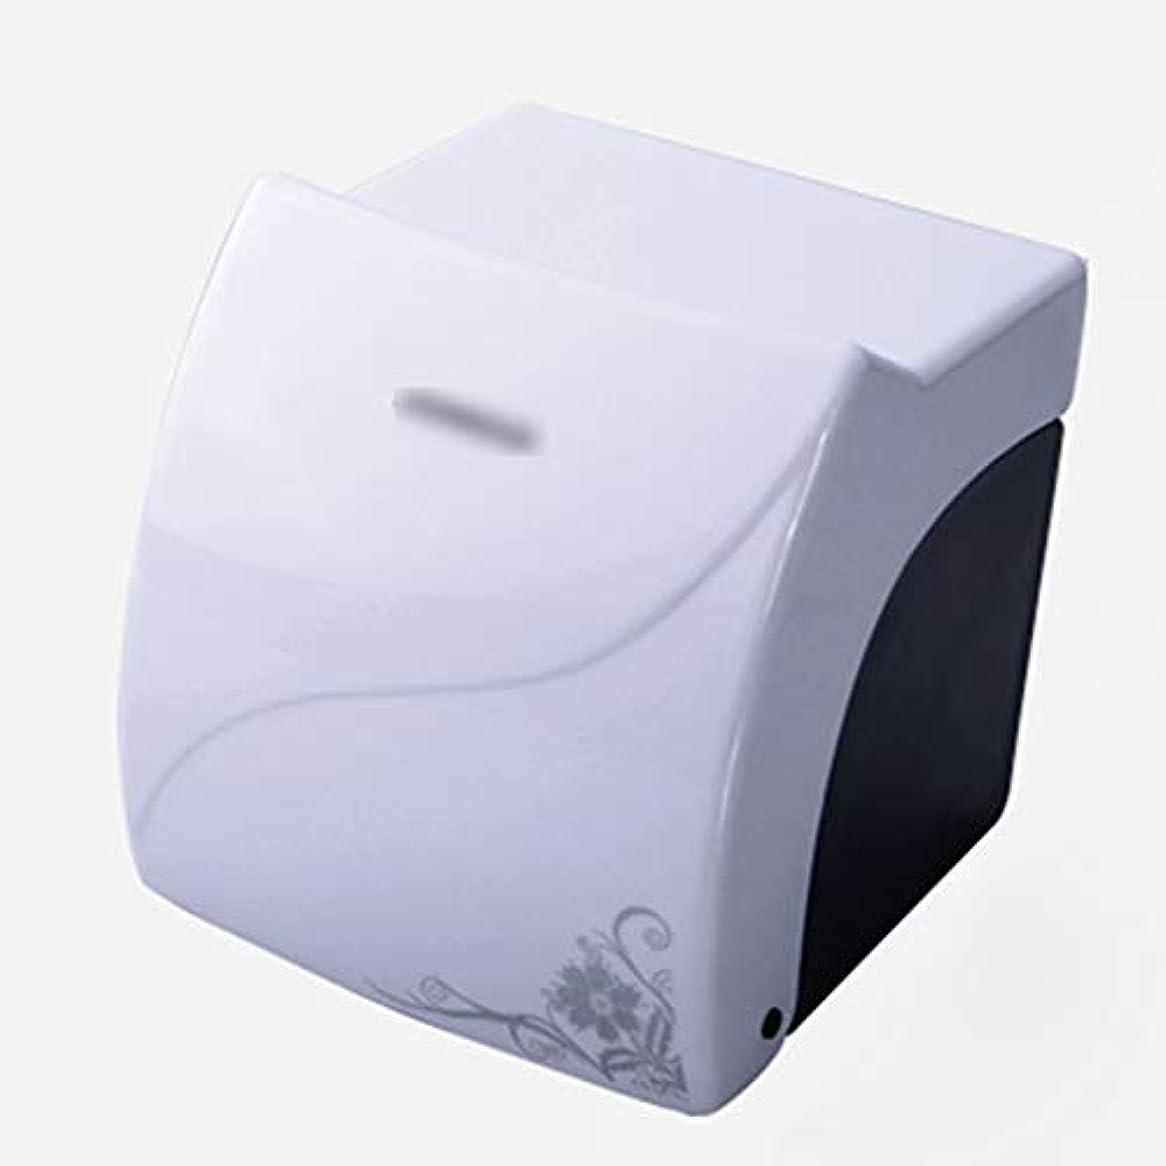 ZZLX 紙タオルホルダー、高品質ABS防水ティッシュボックストイレットペーパーボックスペーパーホルダー ロングハンドル風呂ブラシ